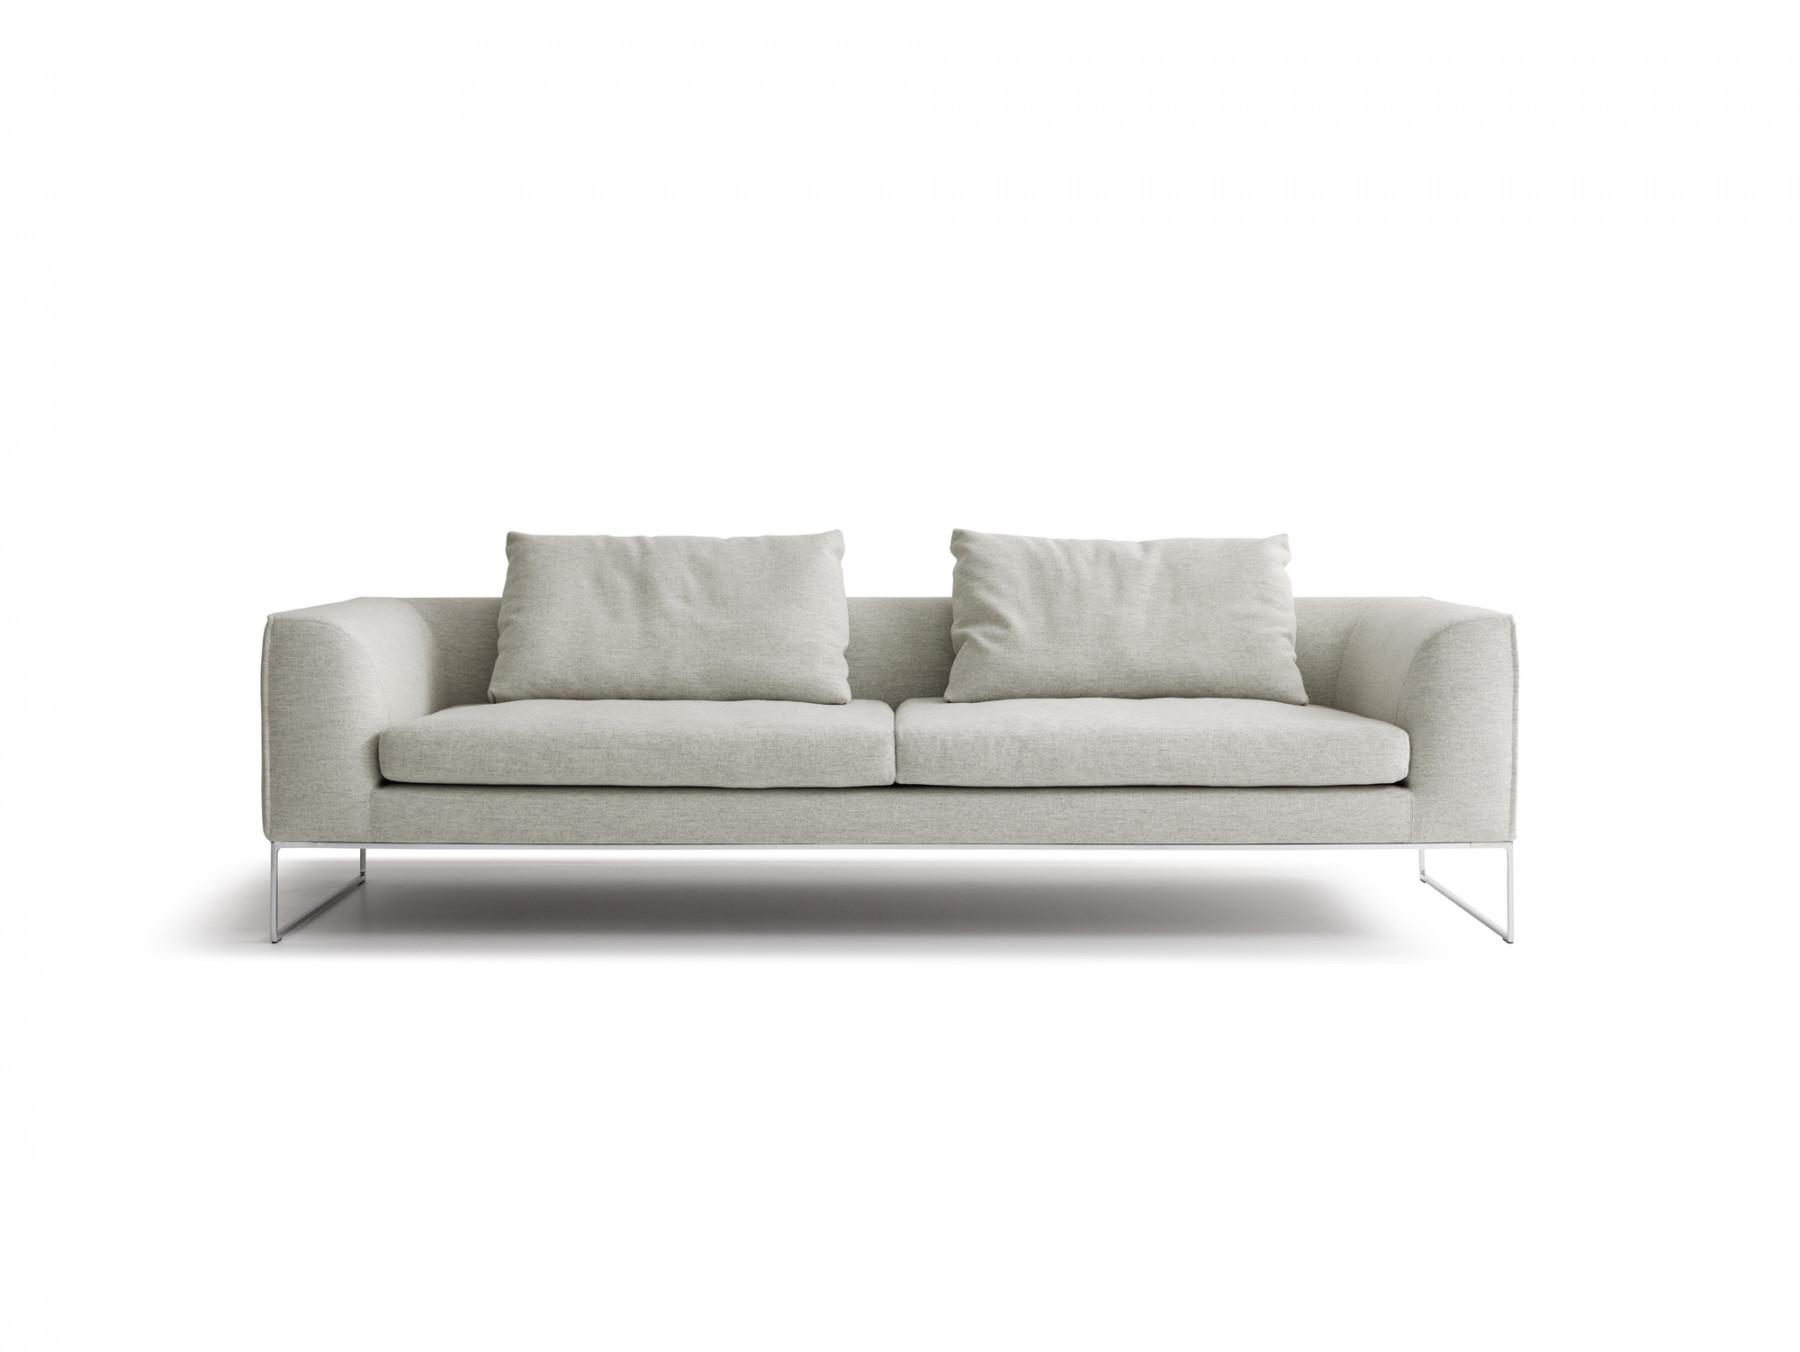 Full Size of Sofa Rund Klein Couch Couchtisch Mell Lounge Cor Einrichten Designde Le Corbusier Runde Esstische Xxl Grau Modernes Mit Bettkasten Englisches Ektorp Kleine Wohnzimmer Sofa Rund Klein